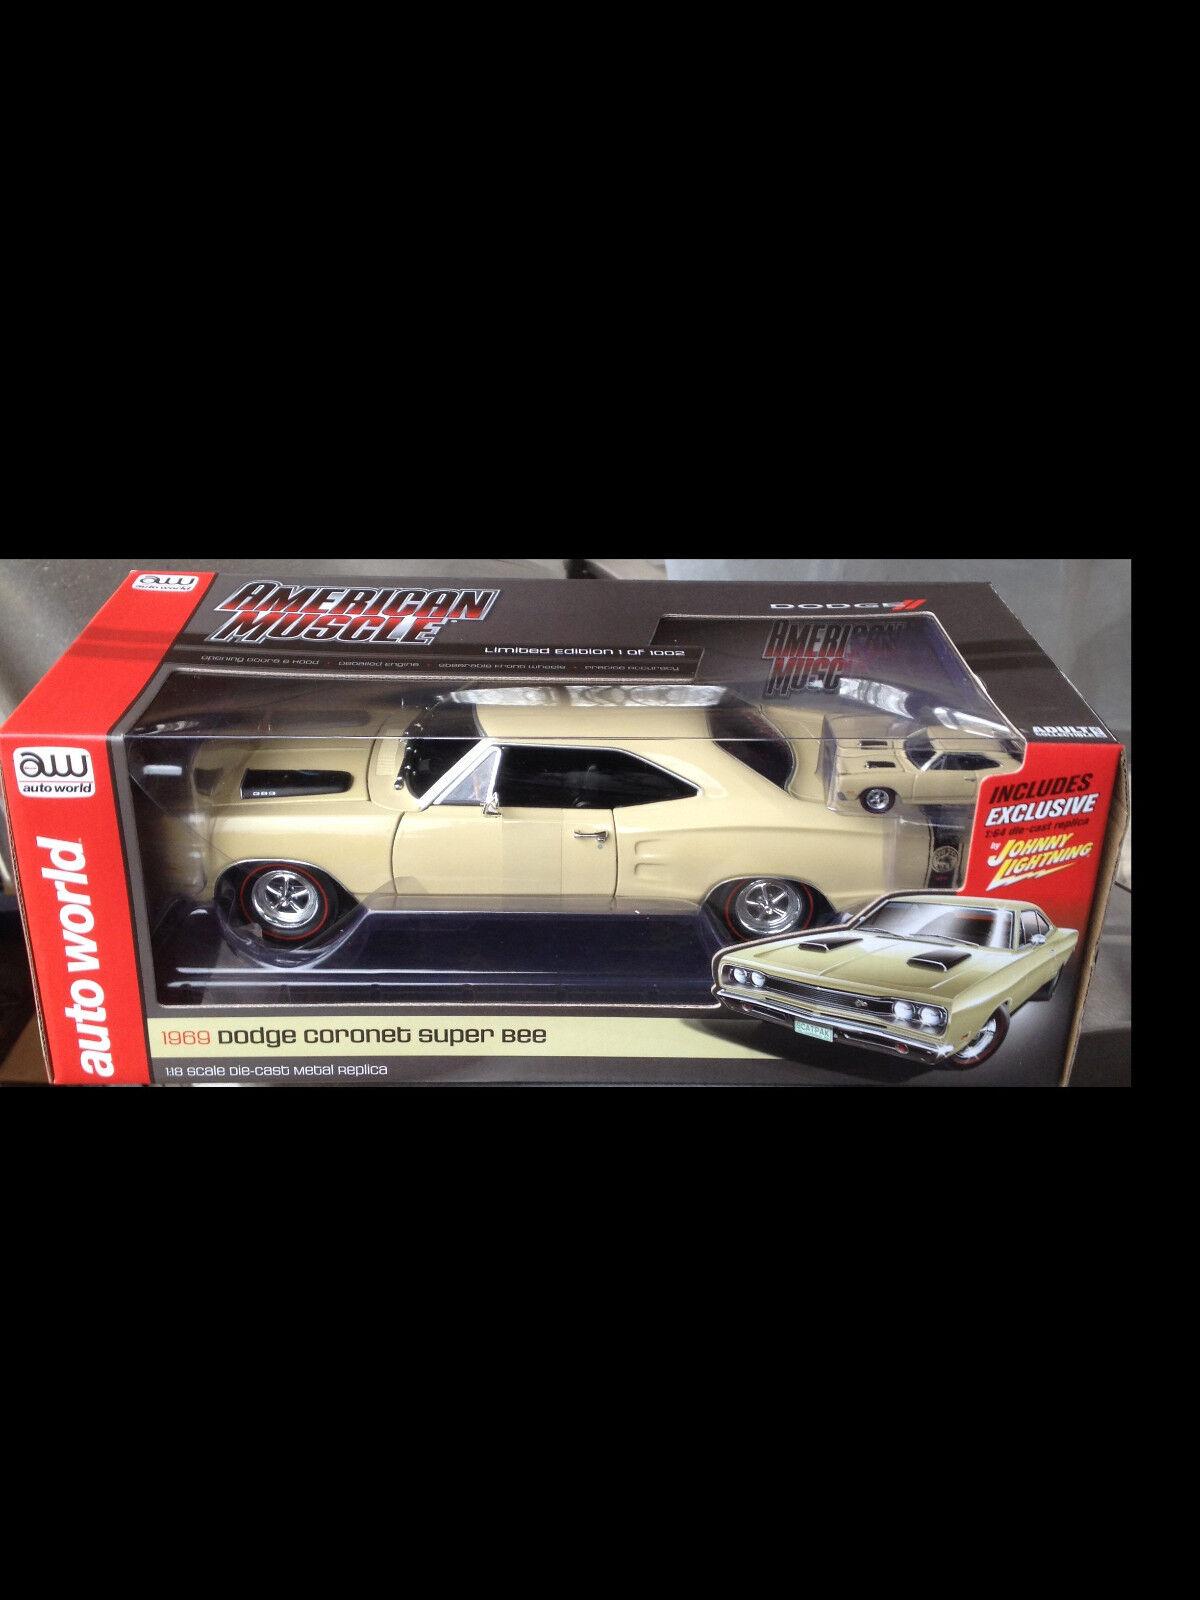 promociones de descuento 1969 Dodge súperbee Crema 1 18 Auto Auto Auto World 1094  con 60% de descuento